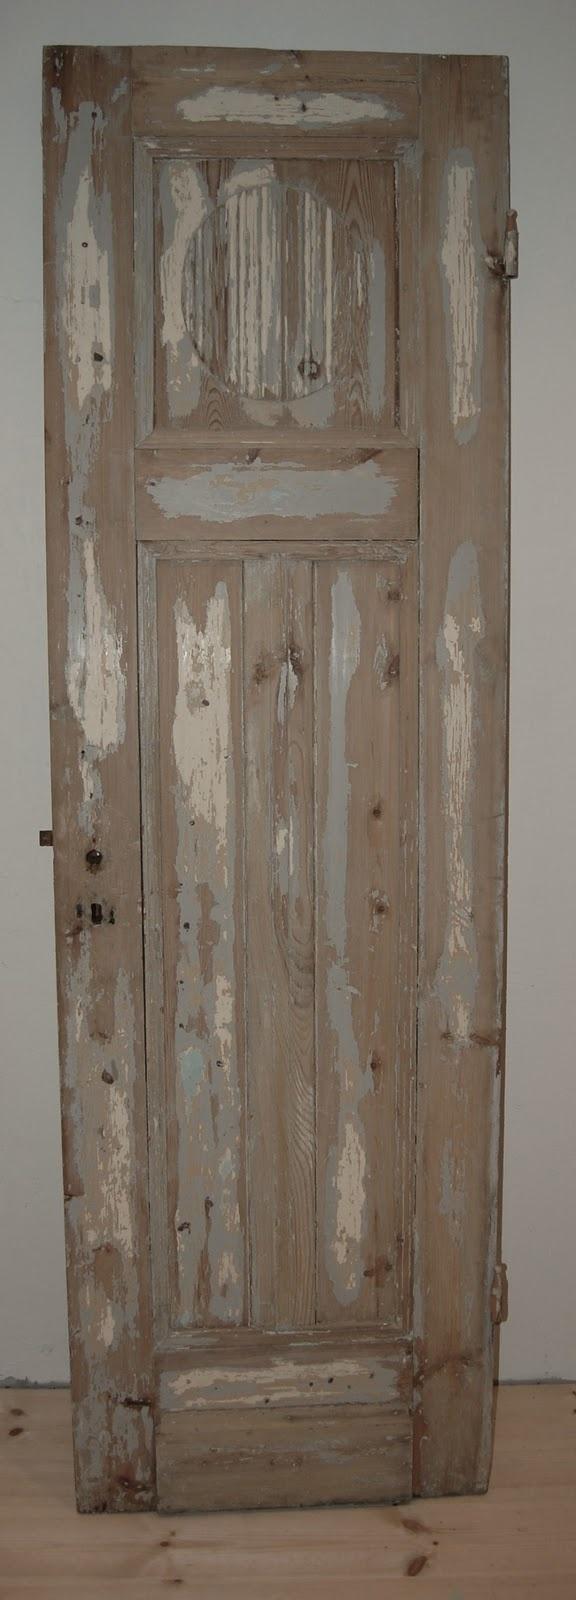 Gaaf voor op de slaapkamer deze oude deur..